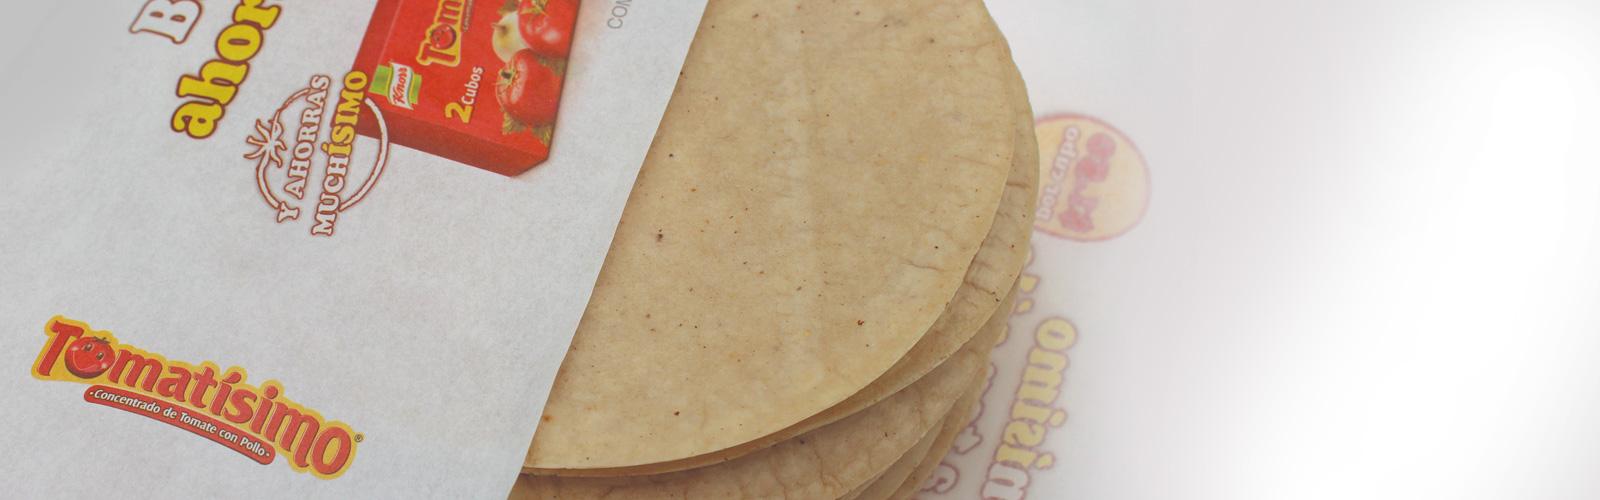 papel_grado_alimenticio_impreso_para_tortillas